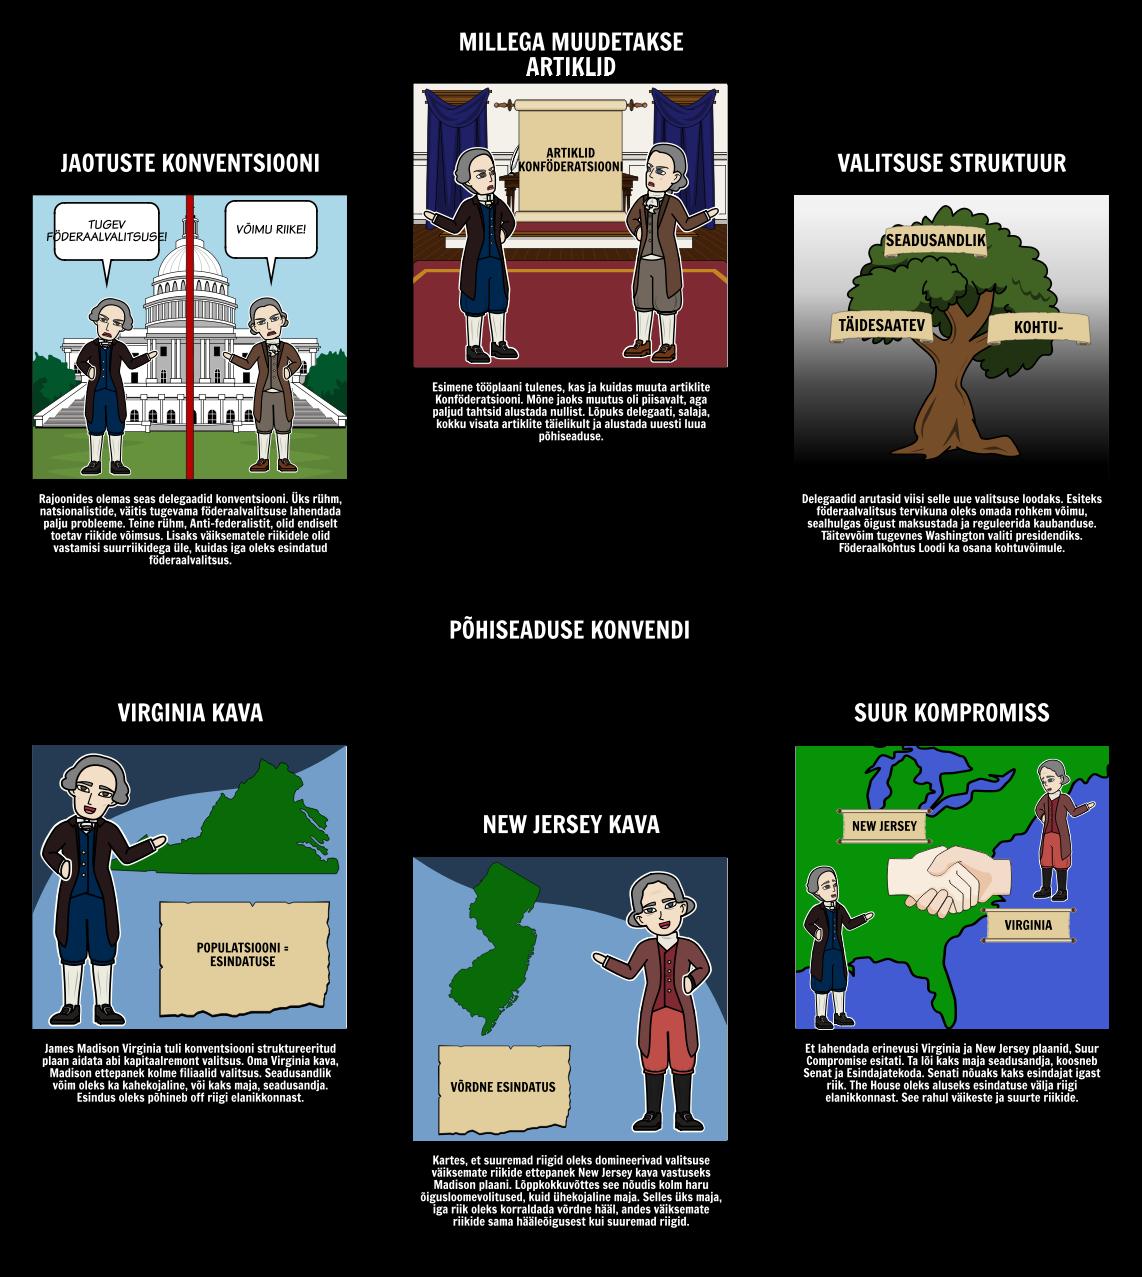 Föderalism - Põhiseaduse Konventsiooni